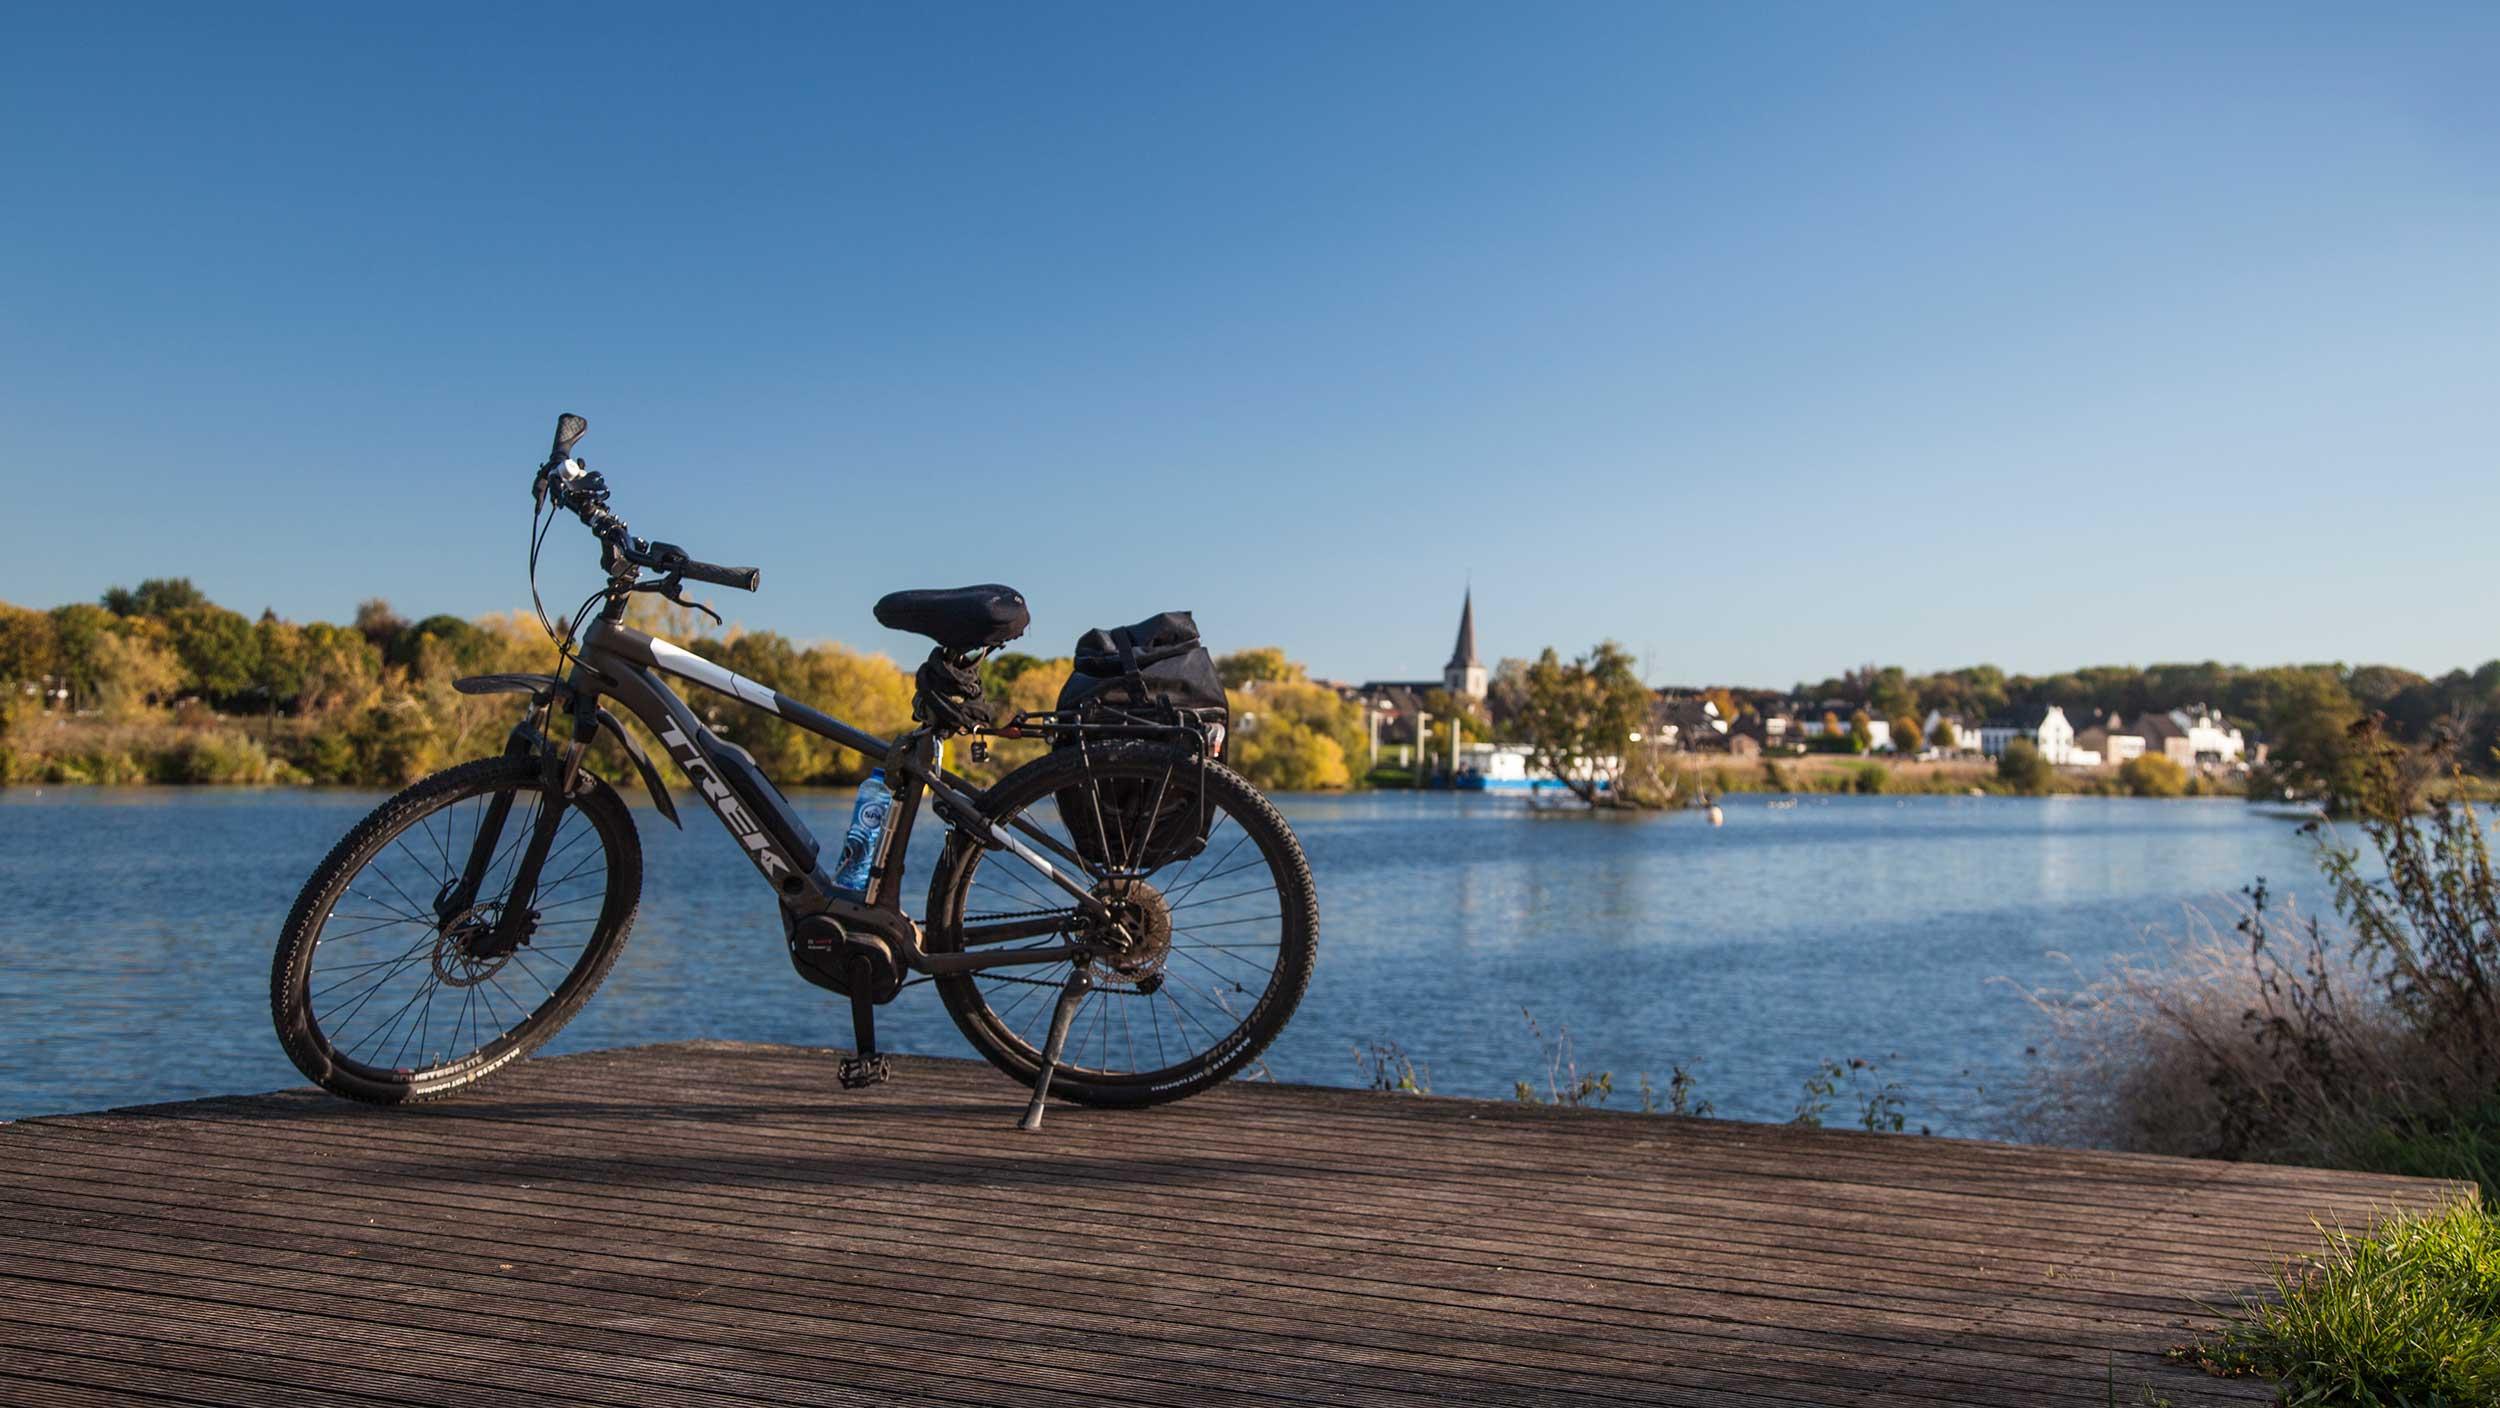 Mosa-E-bike tours-cycling-adventure-sint-pieter-maastricht-eijsden-rivier-Maas-meuse-Trekbike